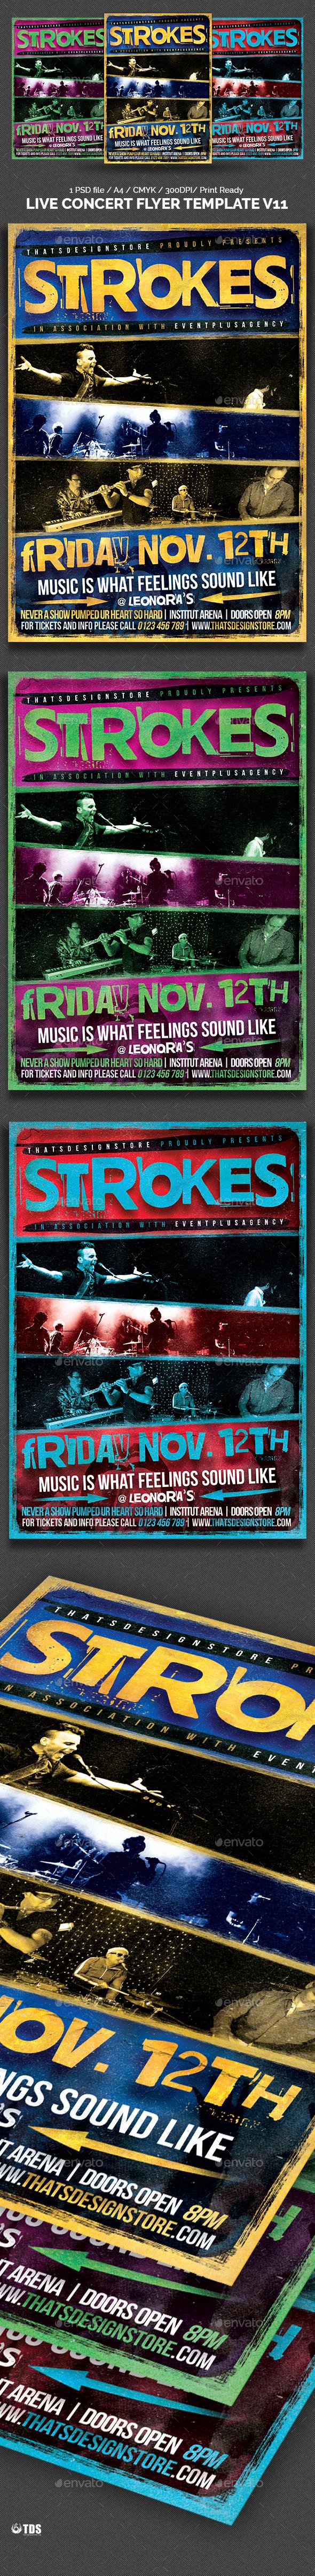 Live Concert Flyer Template V11 - Concerts Events